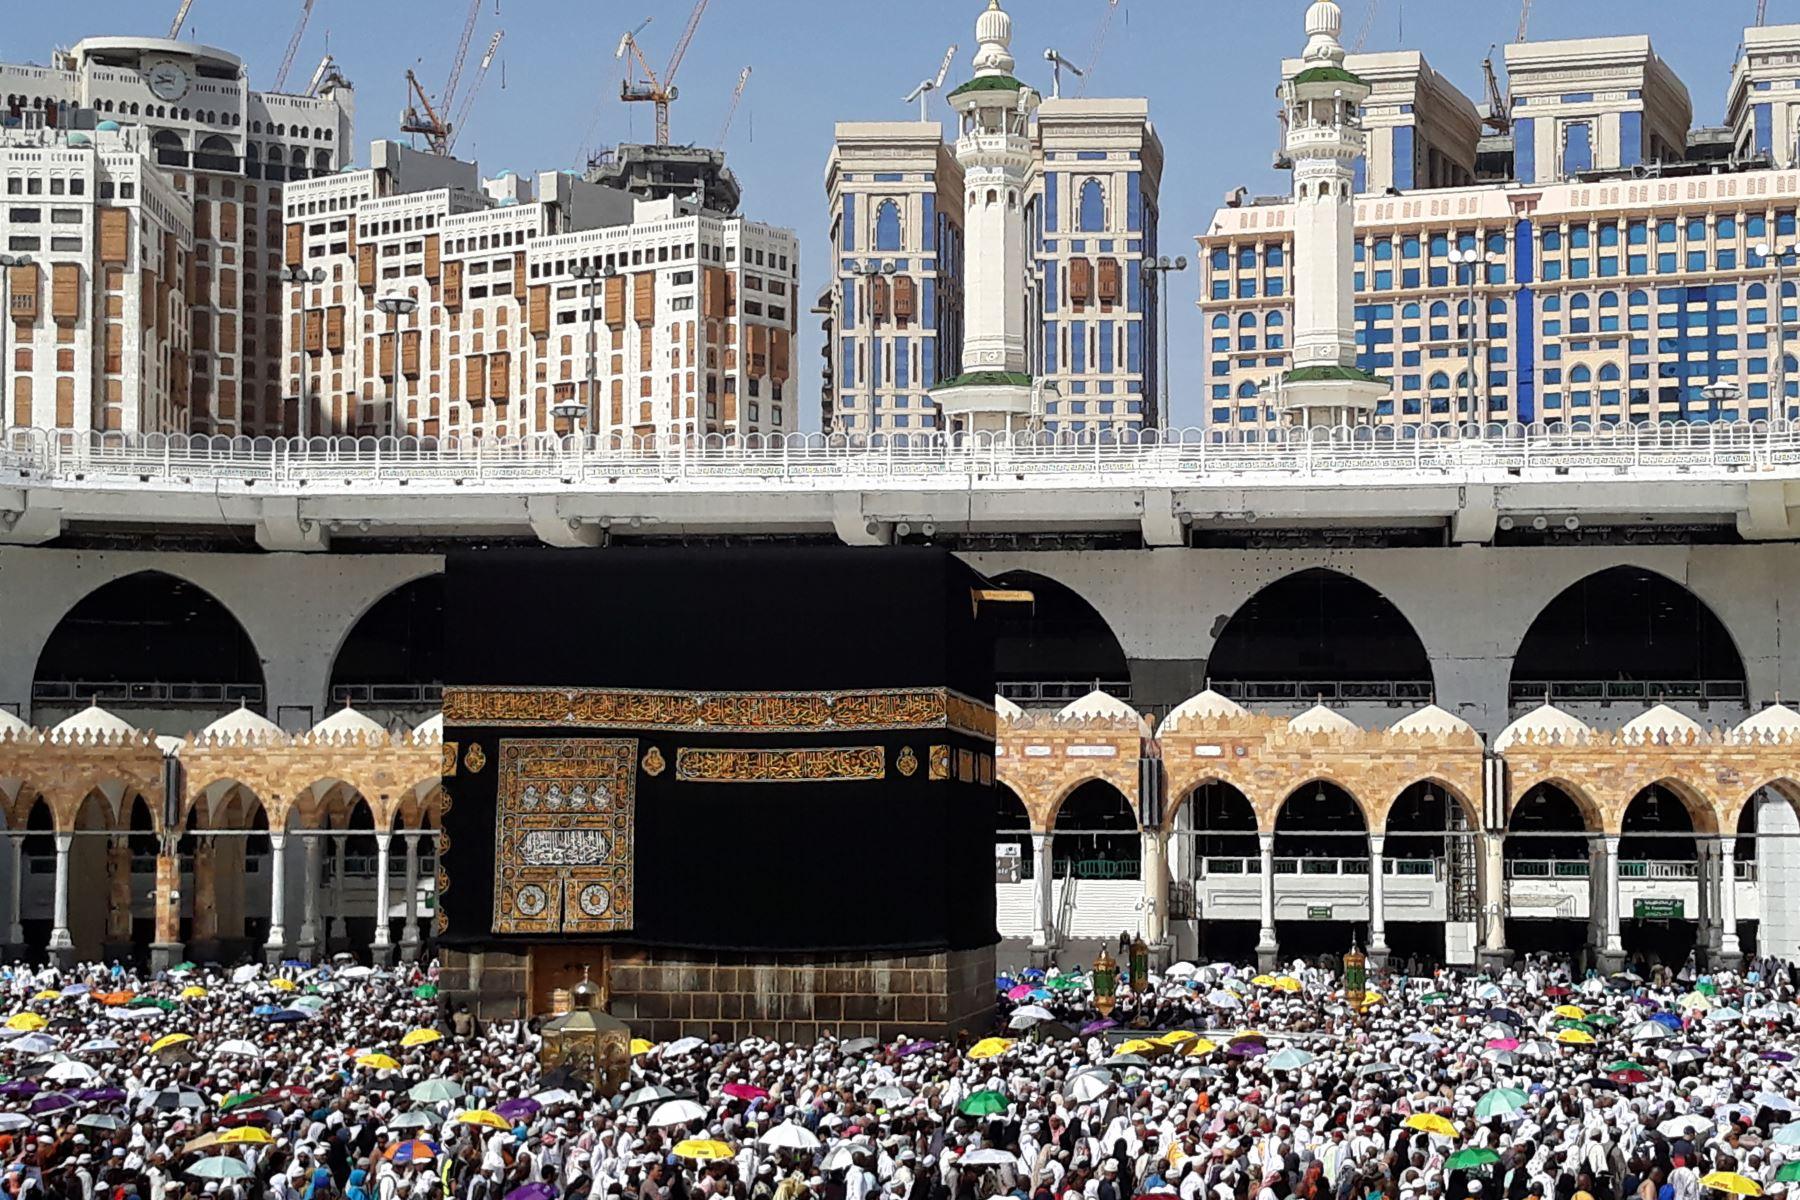 Peregrinos musulmanes realizan la última caminata alrededor de la Kaaba en la Gran Mezquita en la ciudad sagrada de La Meca. Foto: AFP